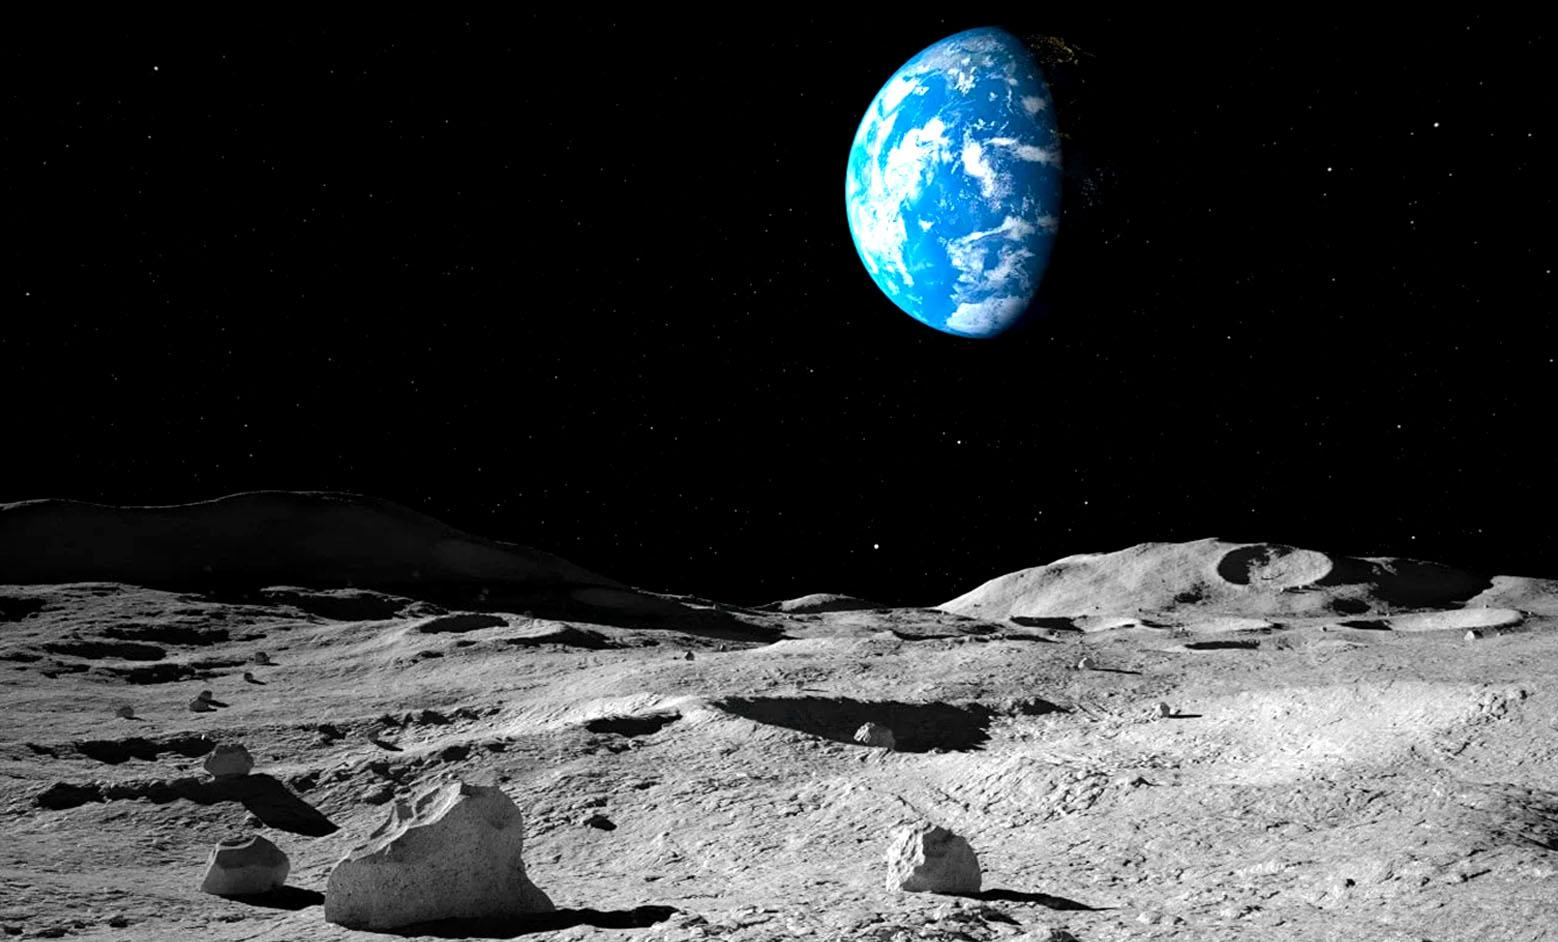 Предложен способ выработки электроэнергии на Луне